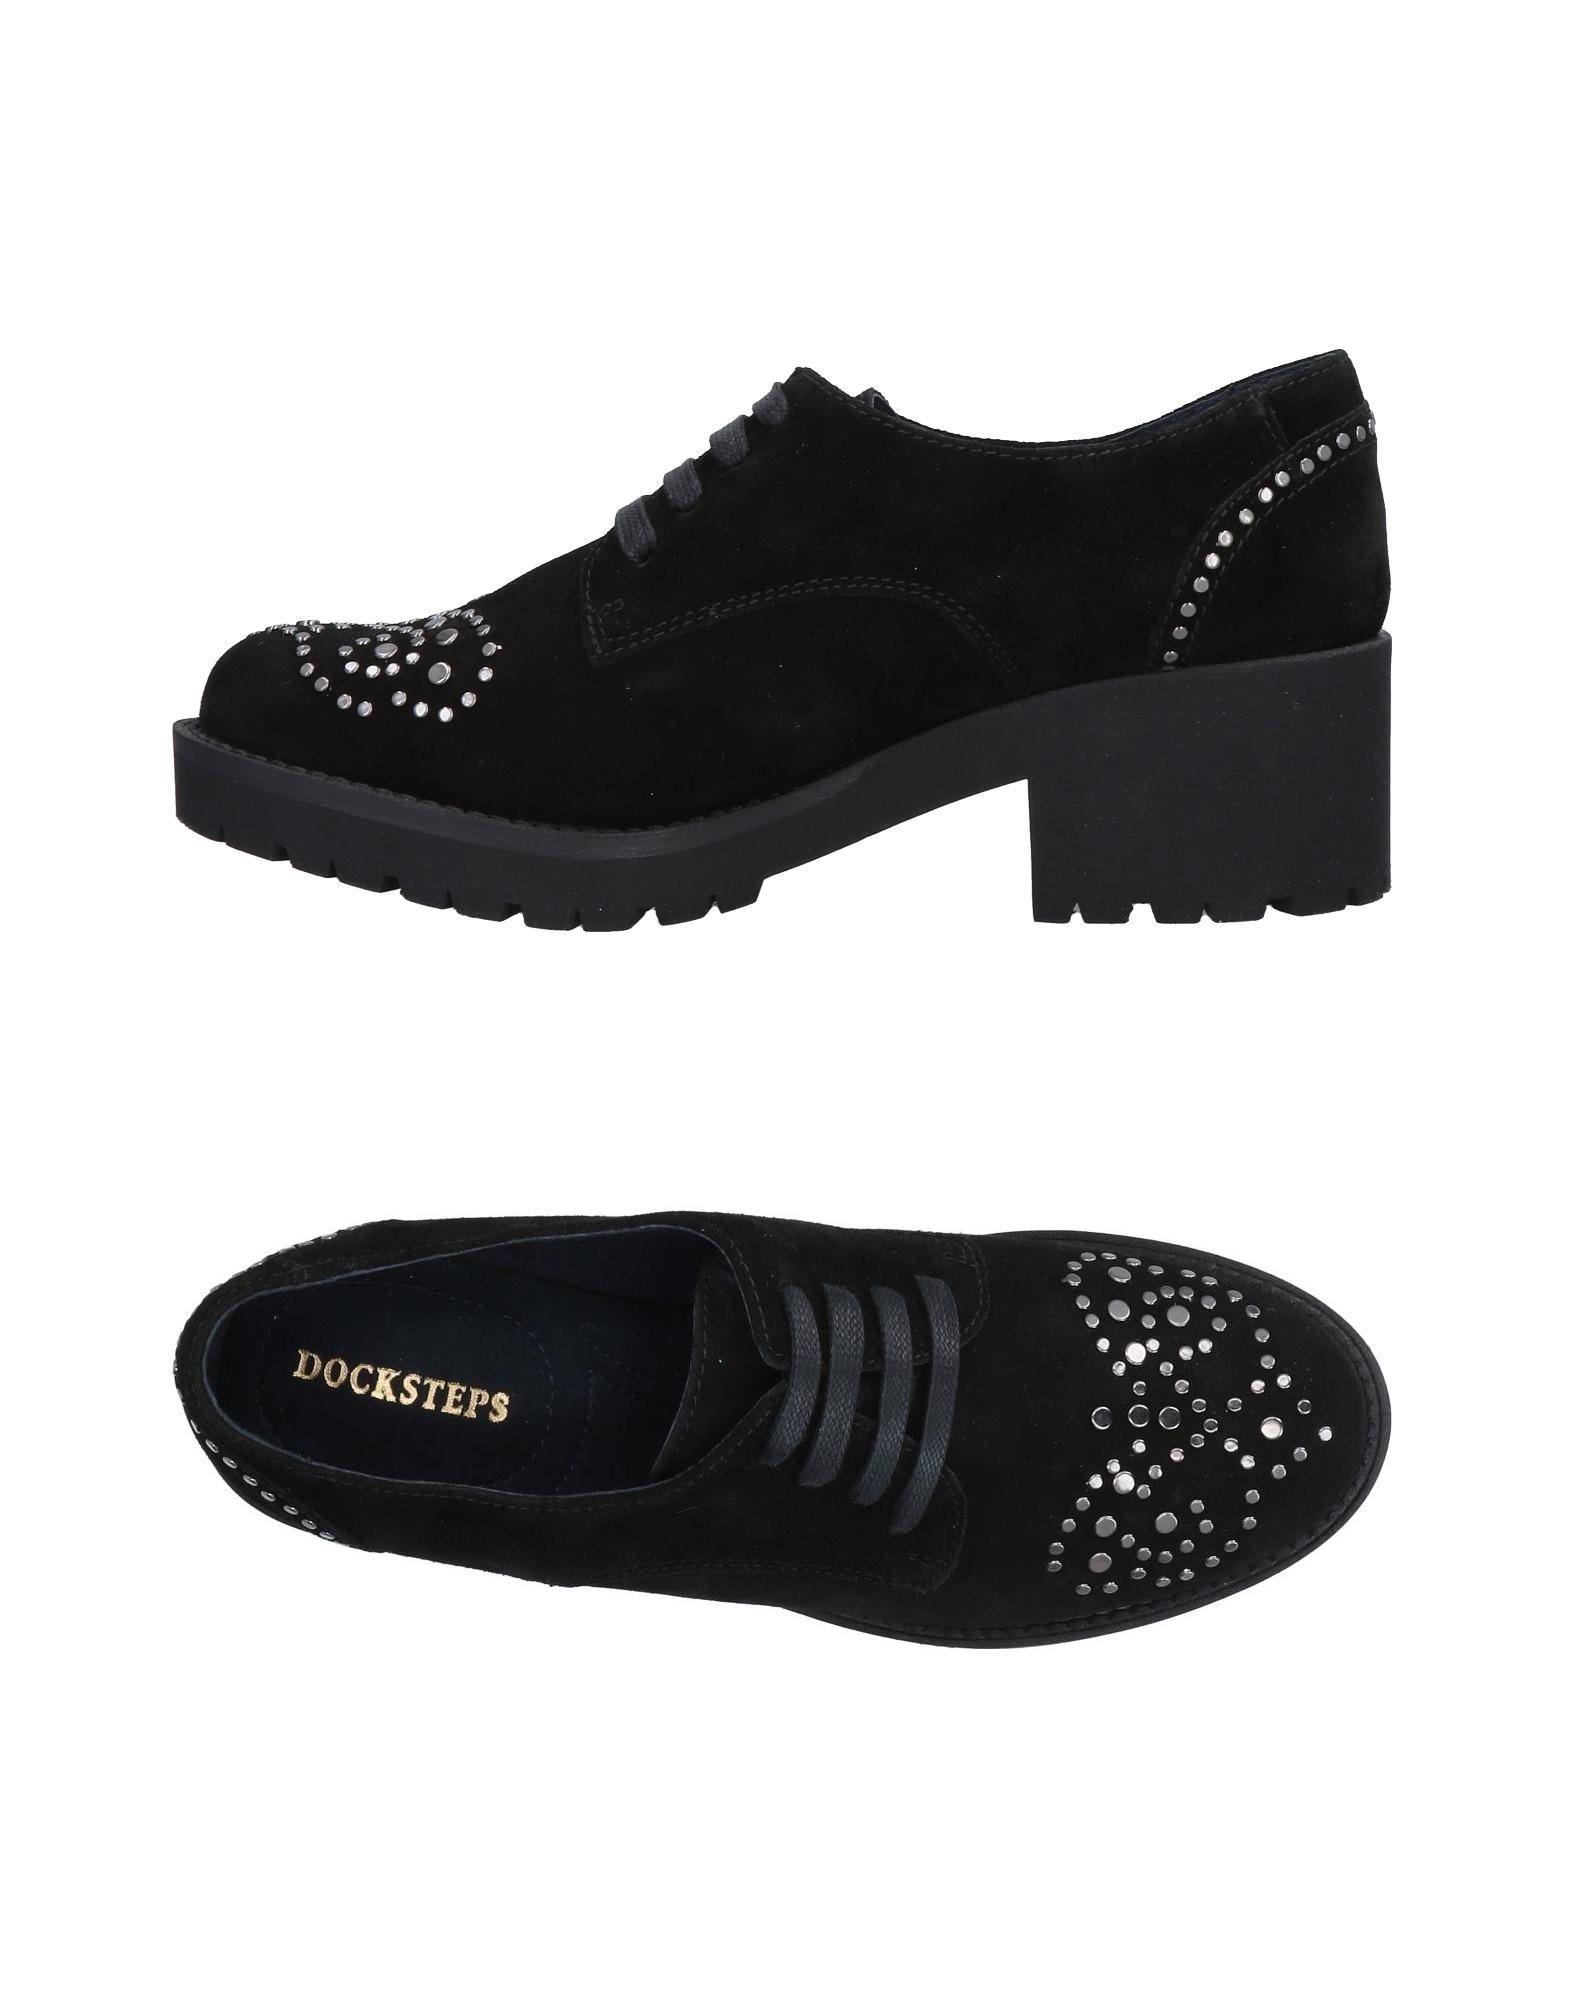 Docksteps Schnürschuhe Damen  11473401XL Gute Qualität beliebte Schuhe